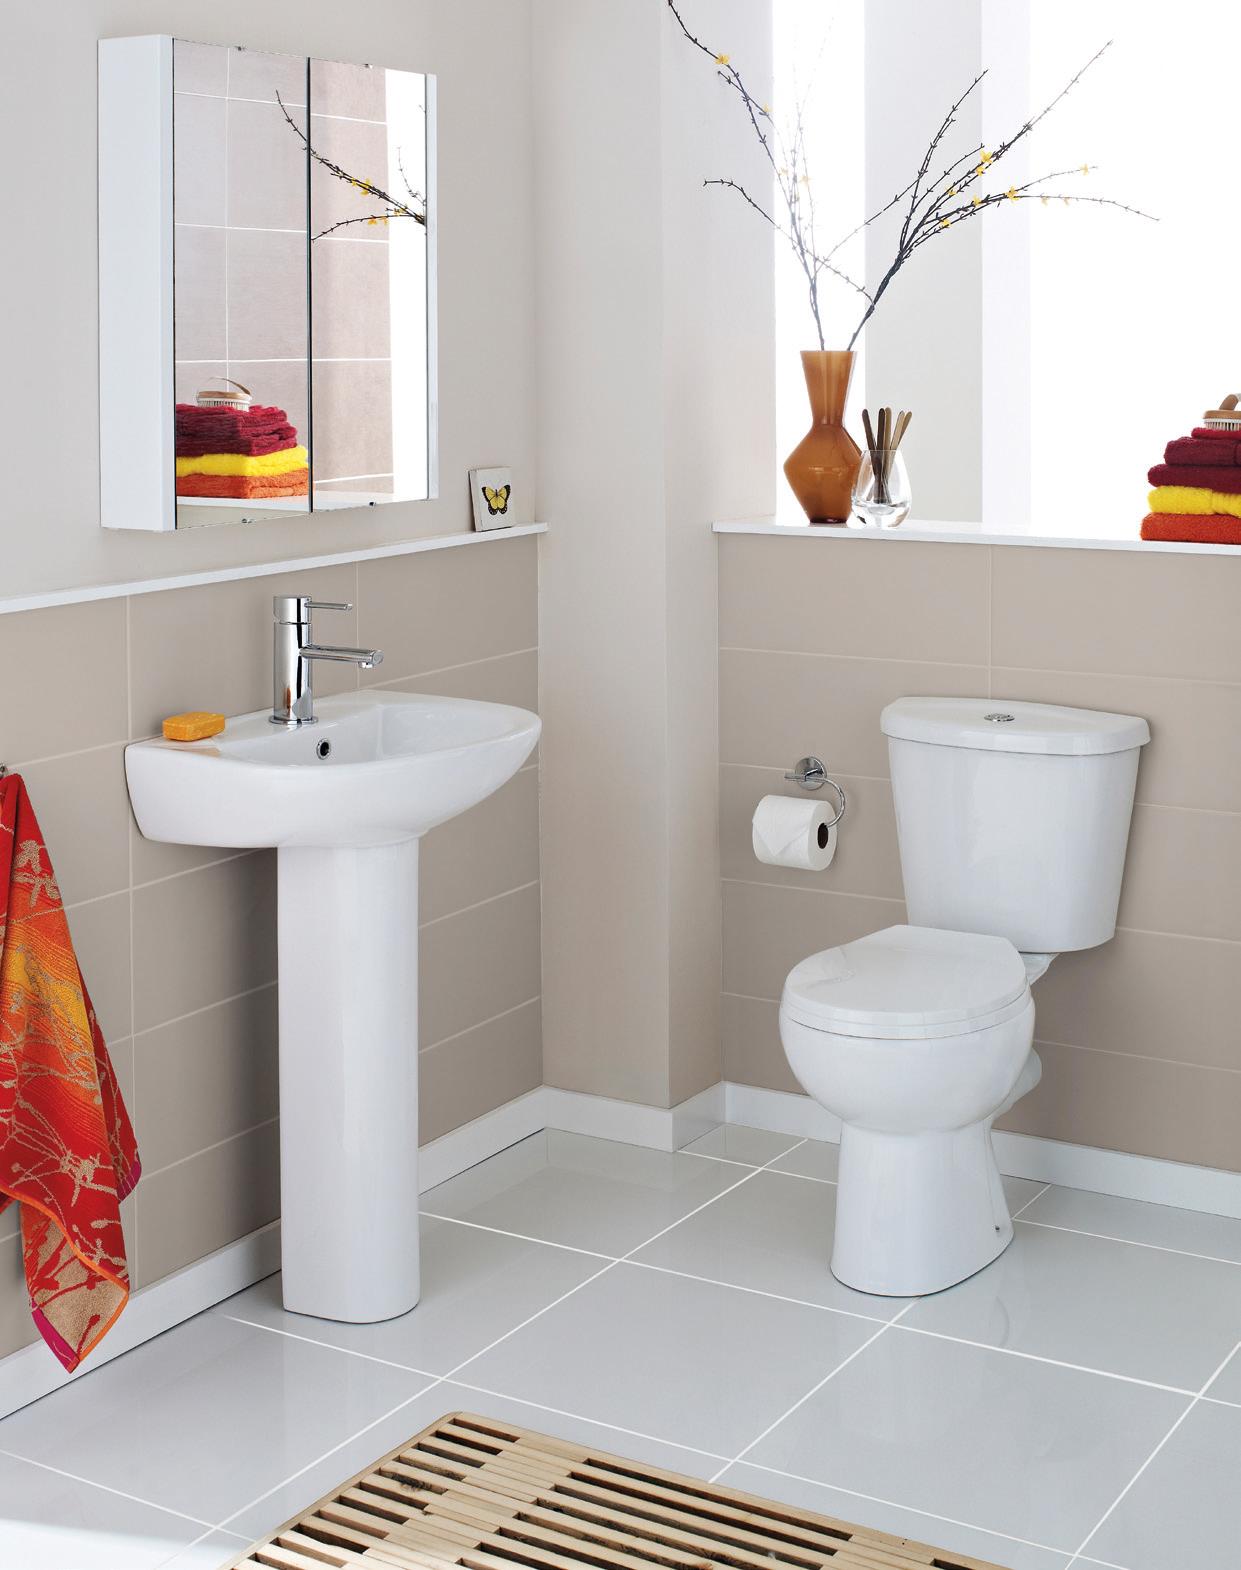 simply wholesale domestic bathroom blog small bathroom suite ideas